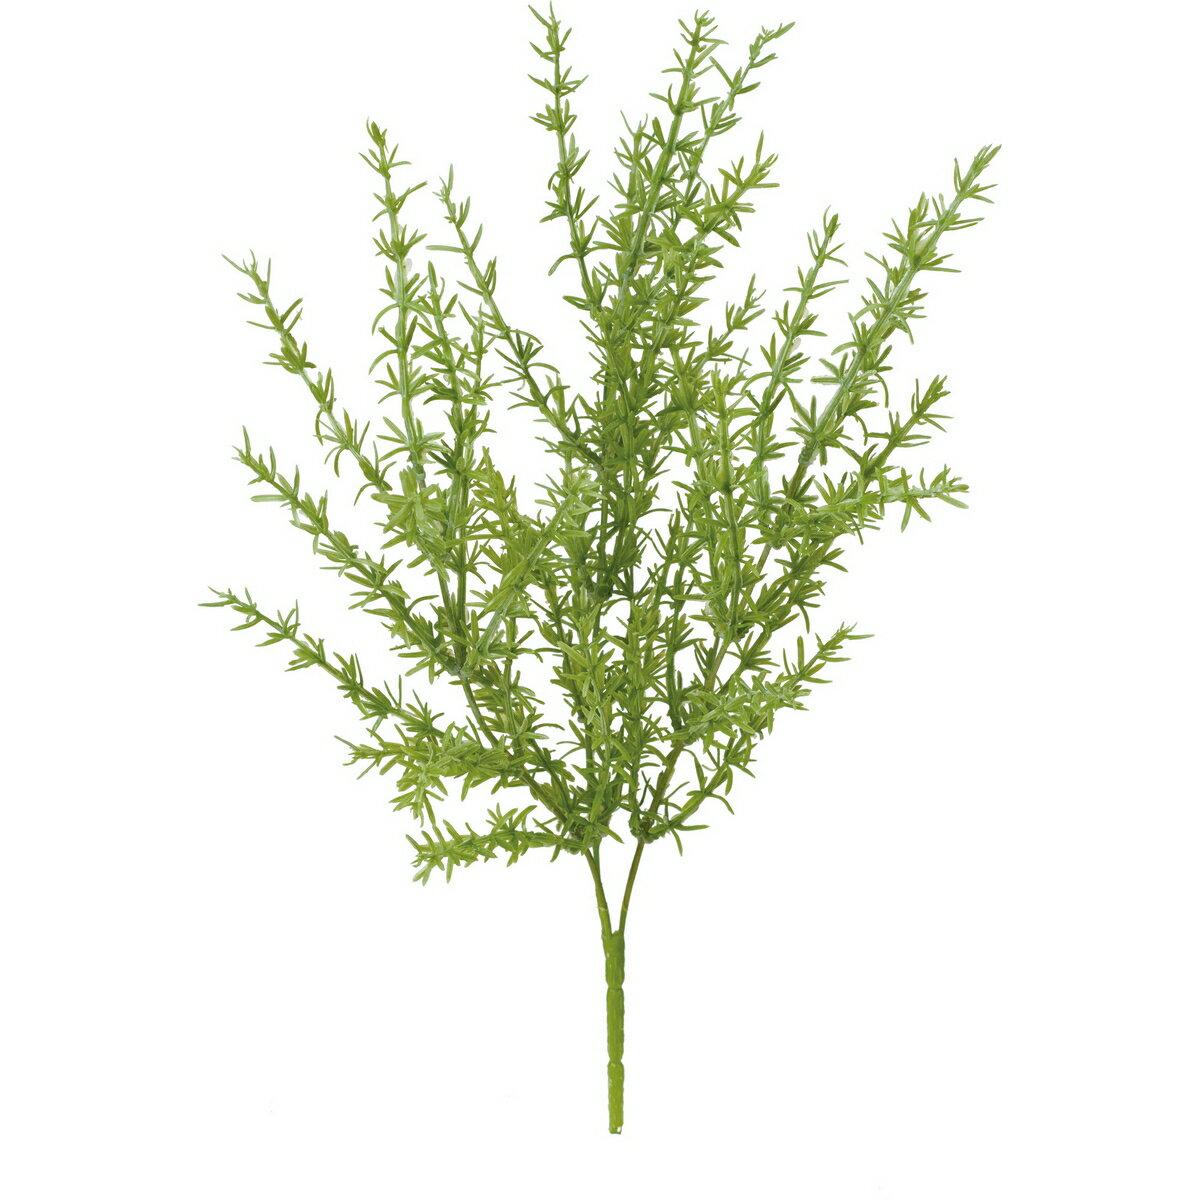 【造花】YDM/ローズマリースプレー ライトグリーン/GL5139-LGR【01】【01】【取寄】《 造花(アーティフィシャルフラワー) 造花葉物、フェイクグリーン ハーブ 》